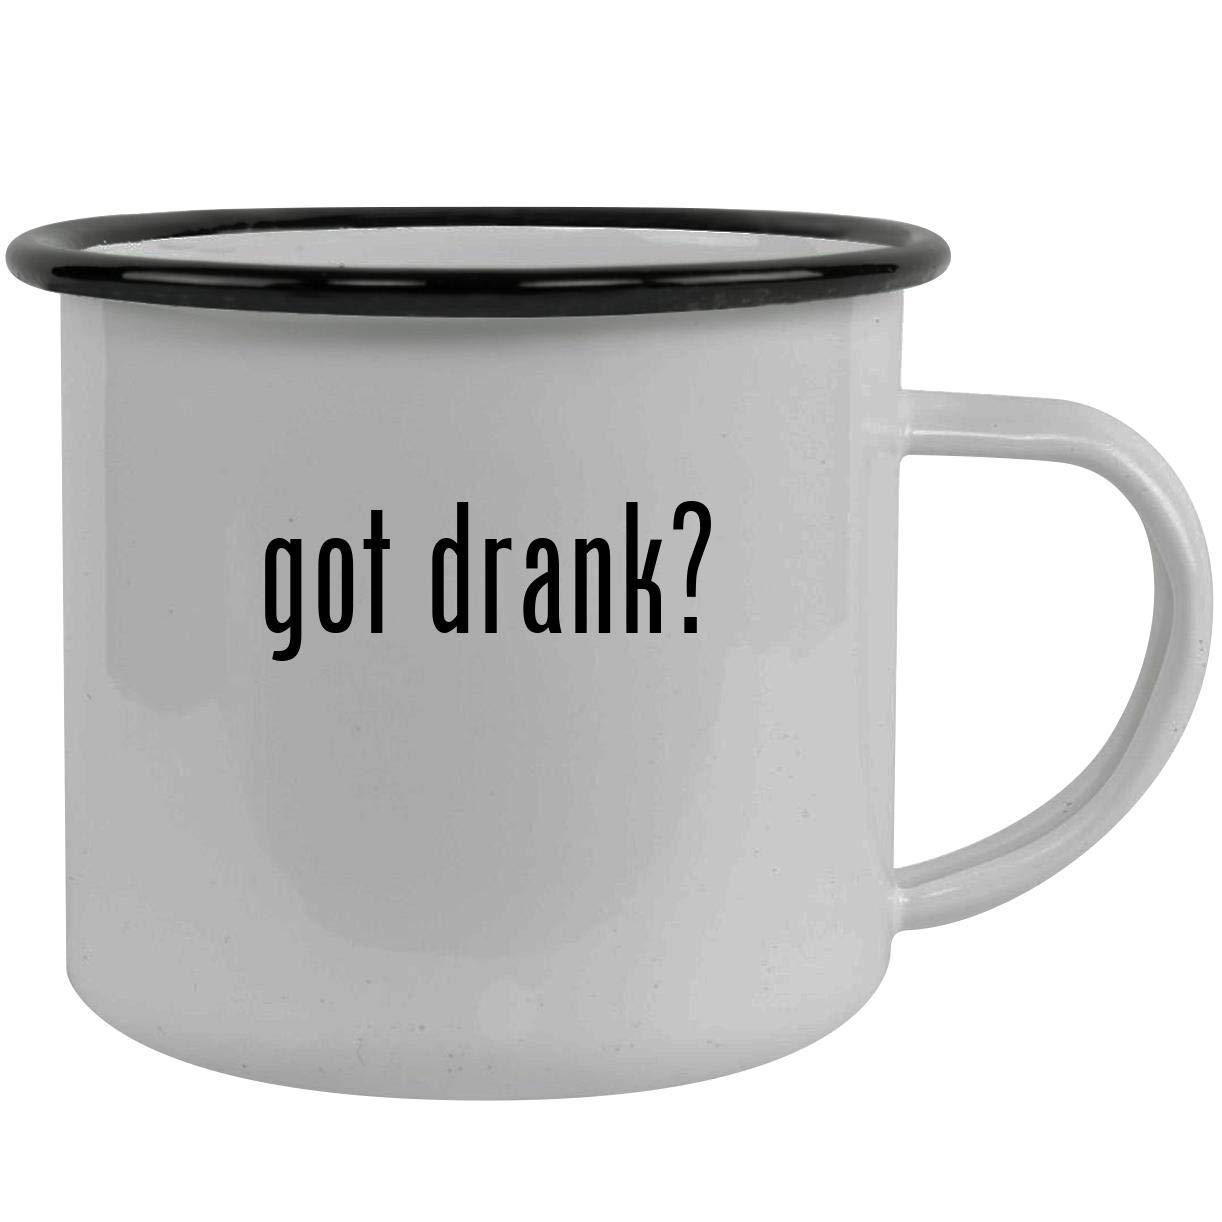 got drank? - Stainless Steel 12oz Camping Mug, Black